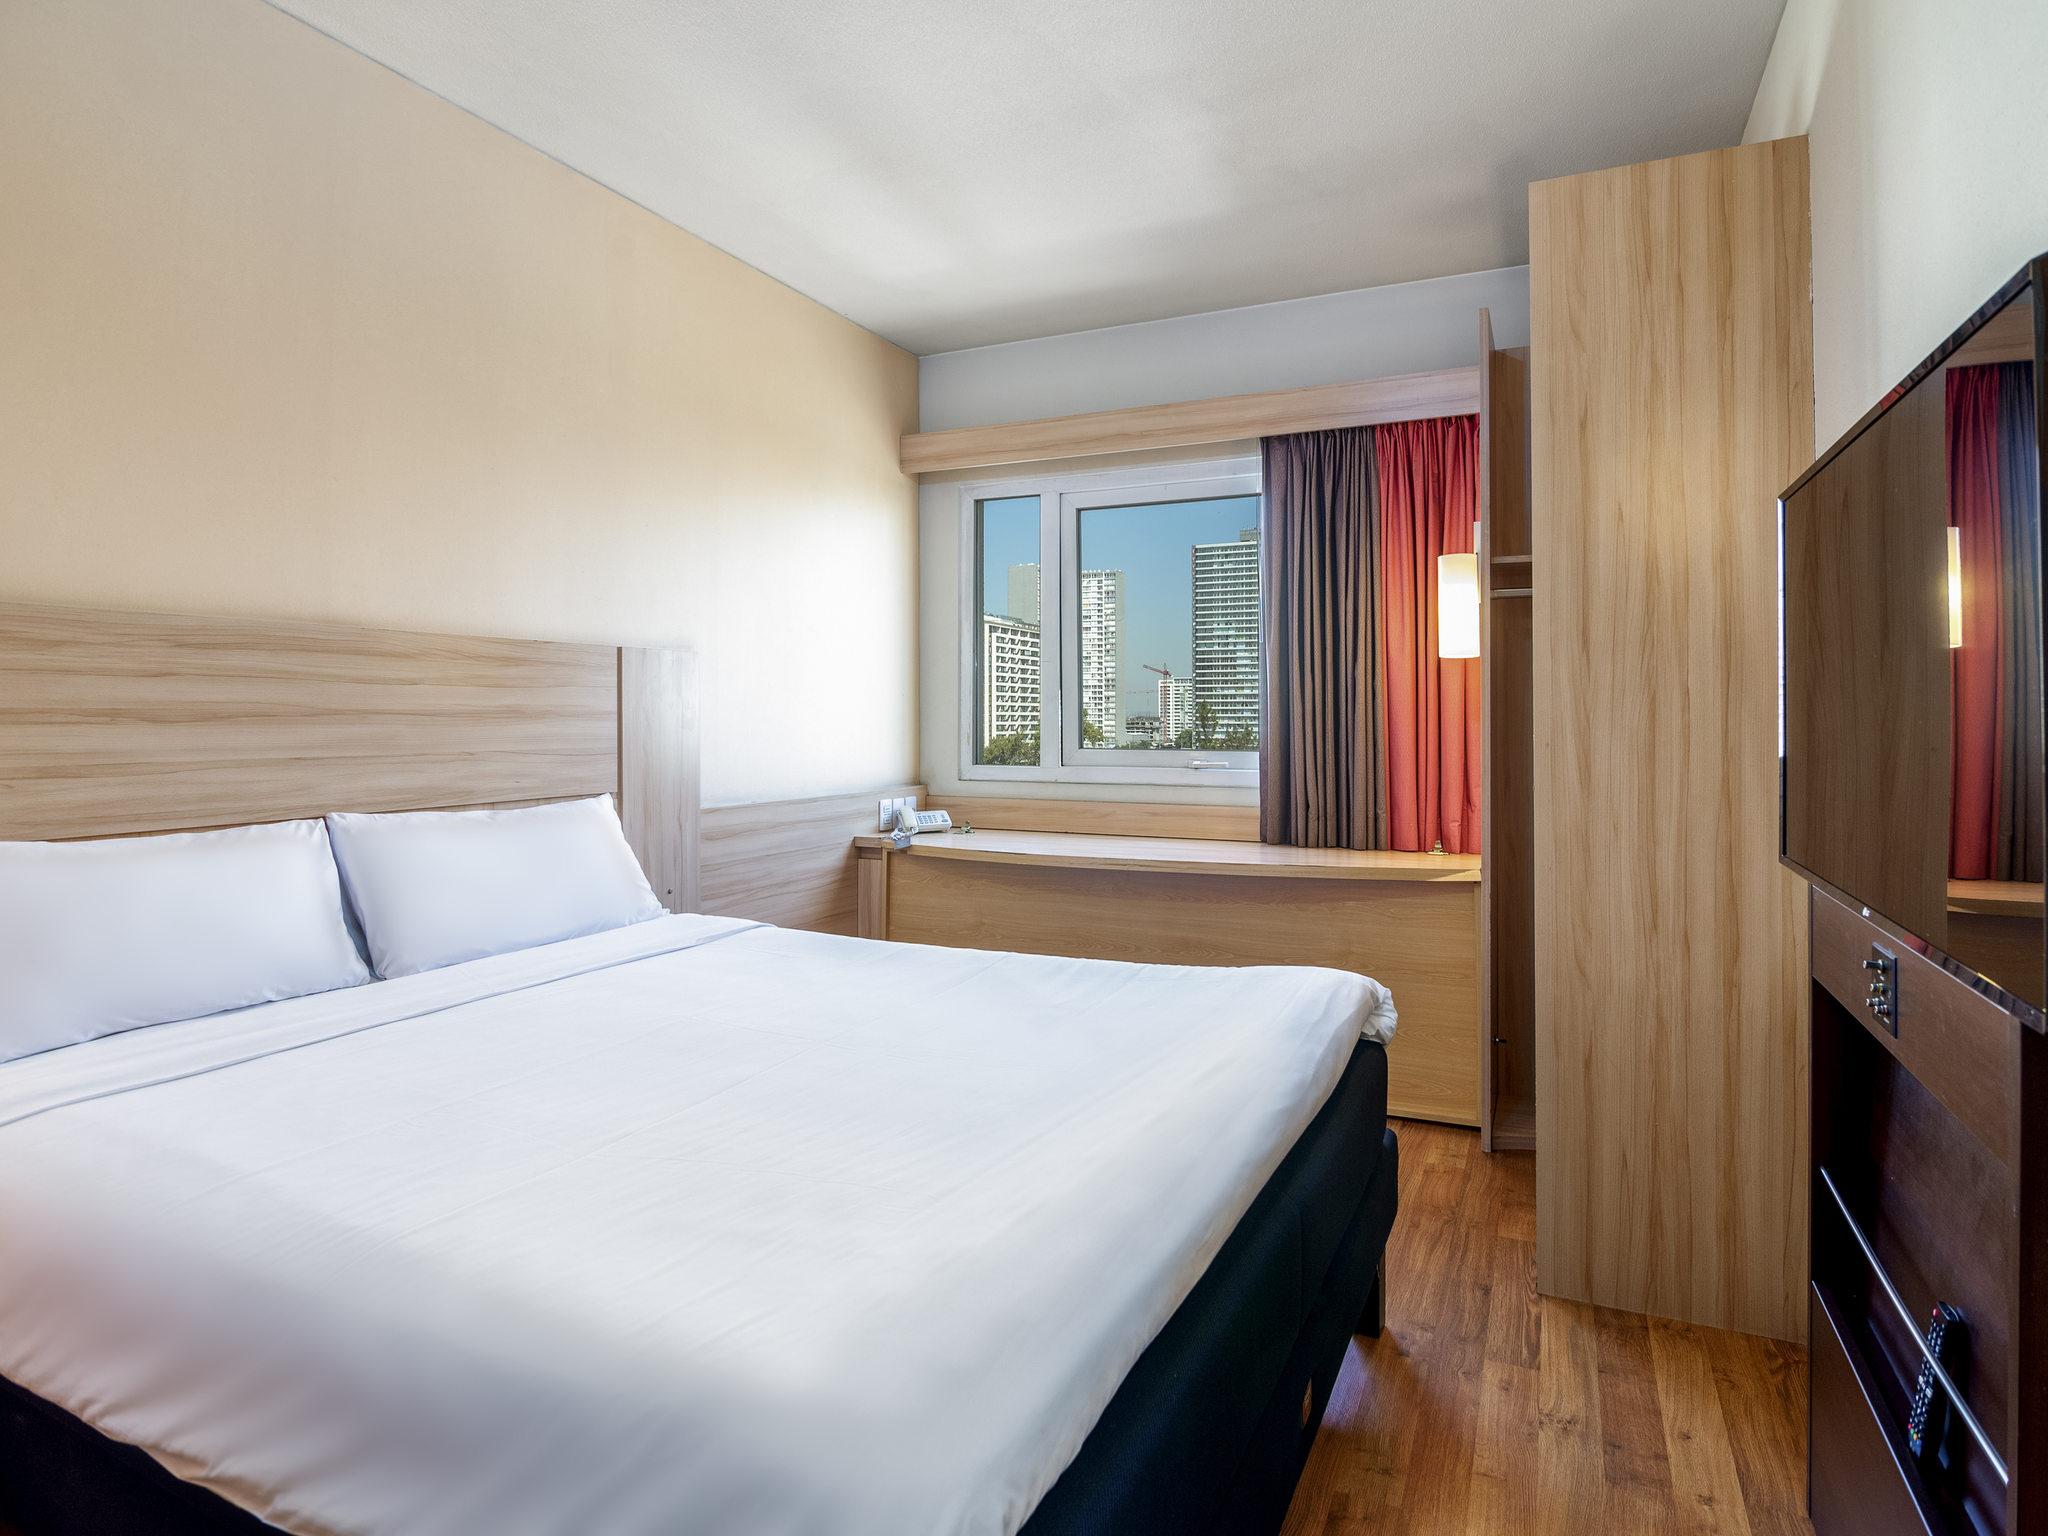 호텔 – 이비스 산티아고 에스타시온 센트랄